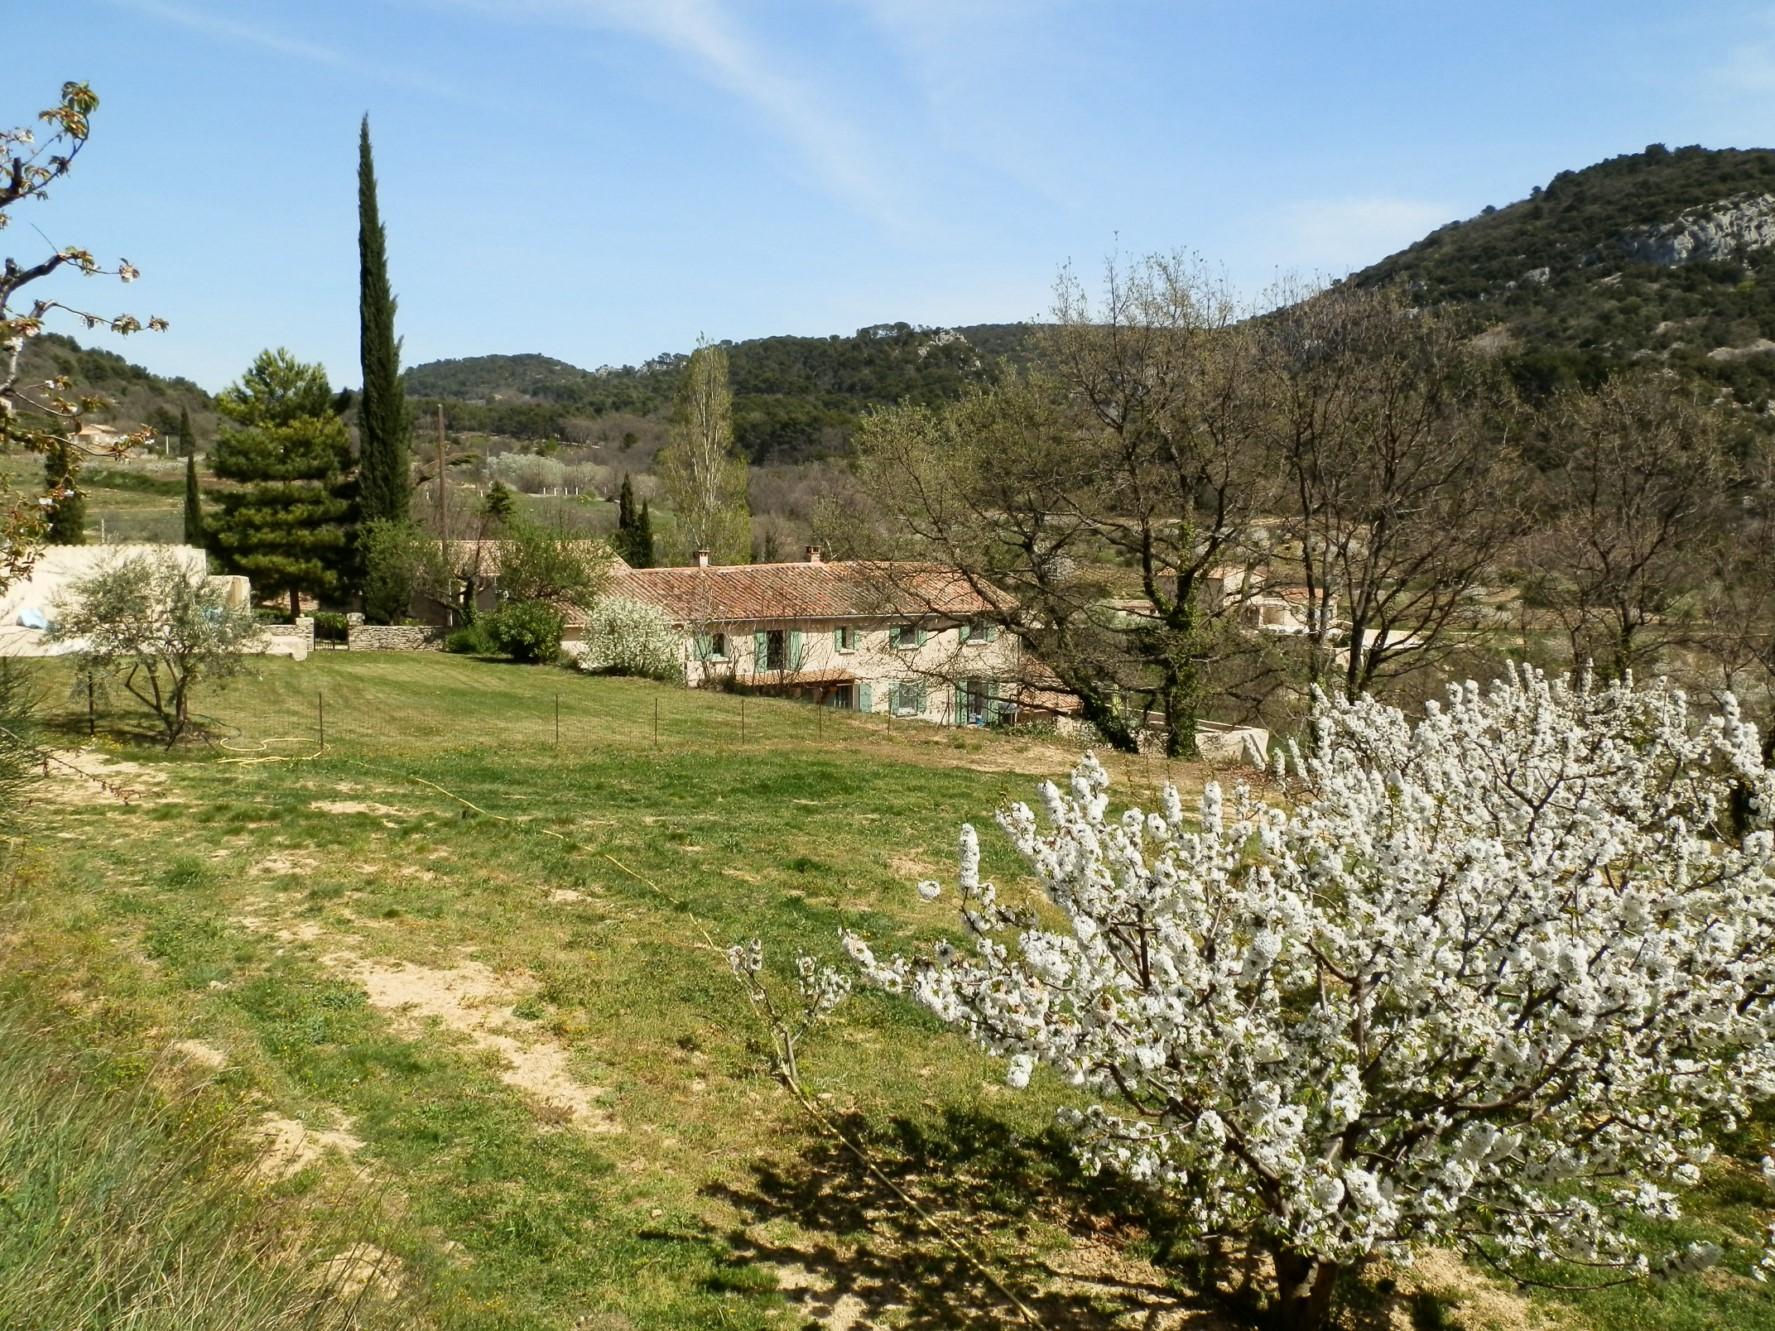 Maison rénovée à vendre en Provence